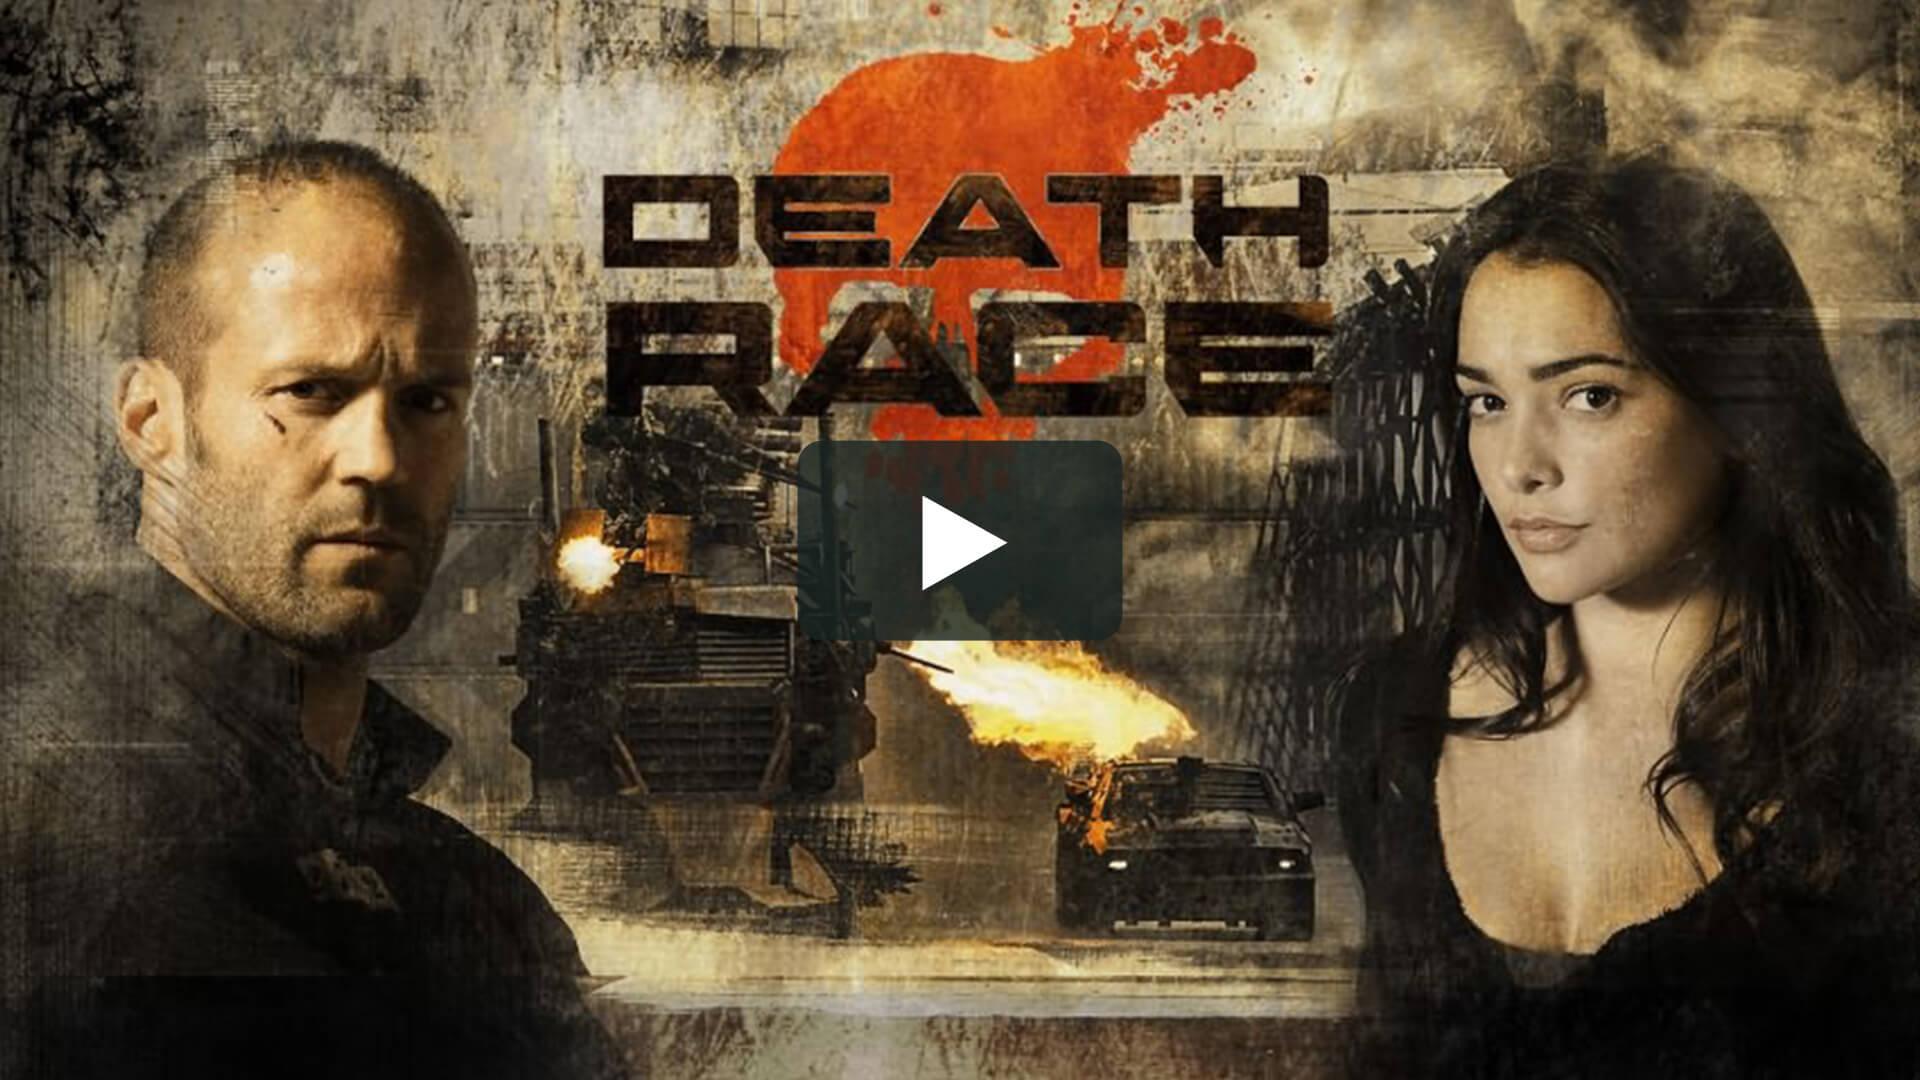 死亡飛車 Death Race